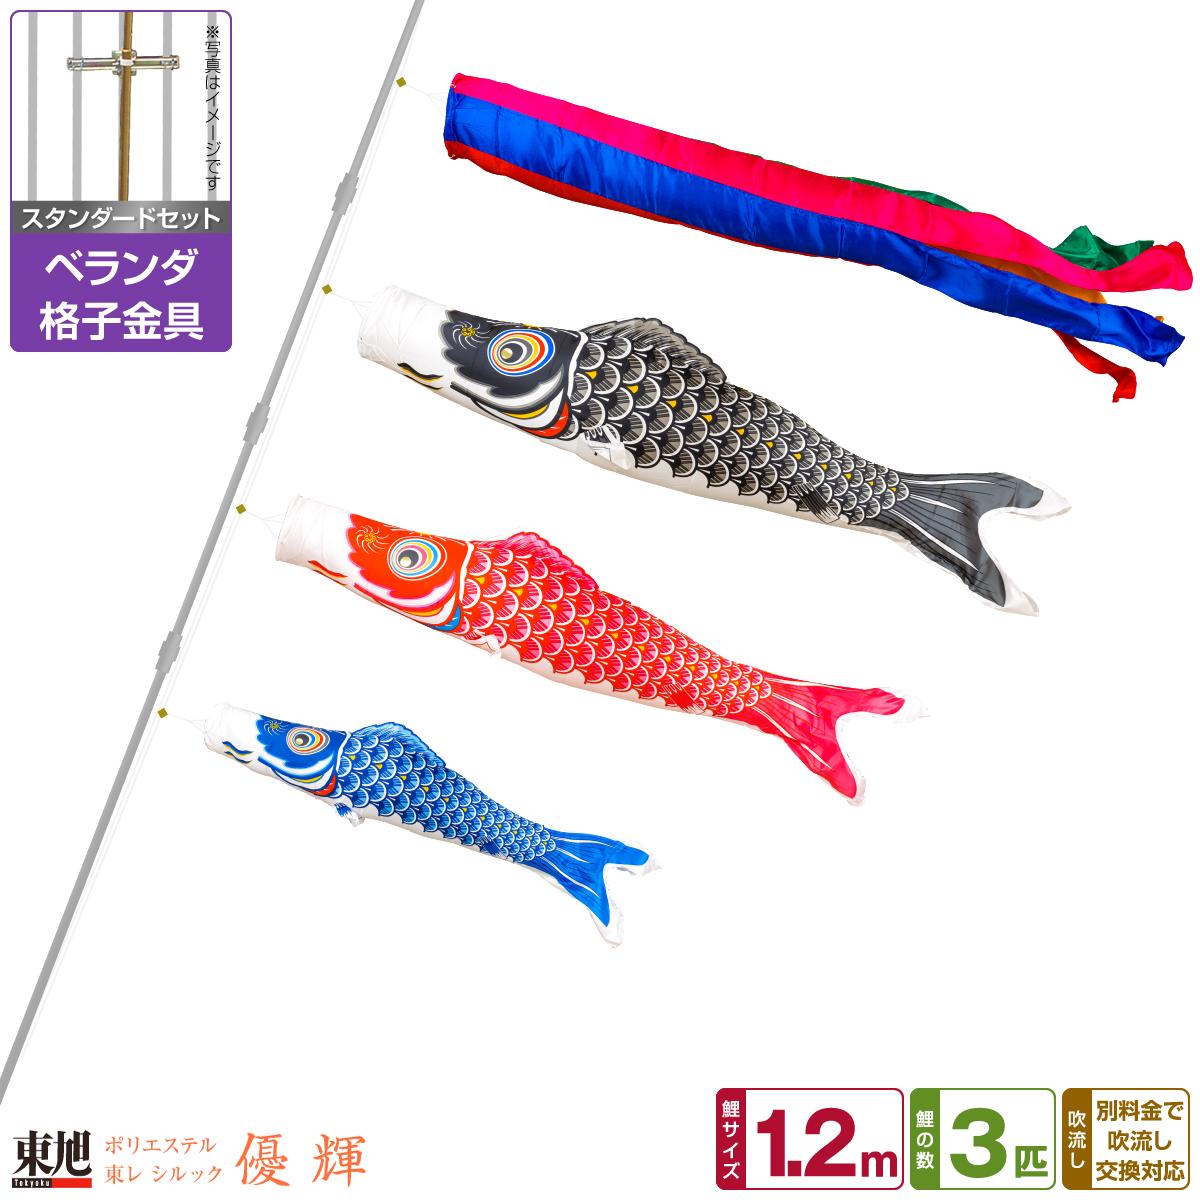 ベランダ用 こいのぼり 鯉のぼり ポリエステル東レ シルック 優輝 1.2m 6点(吹流し+鯉3匹+矢車+ロープ)/スタンダードセット(格子金具)